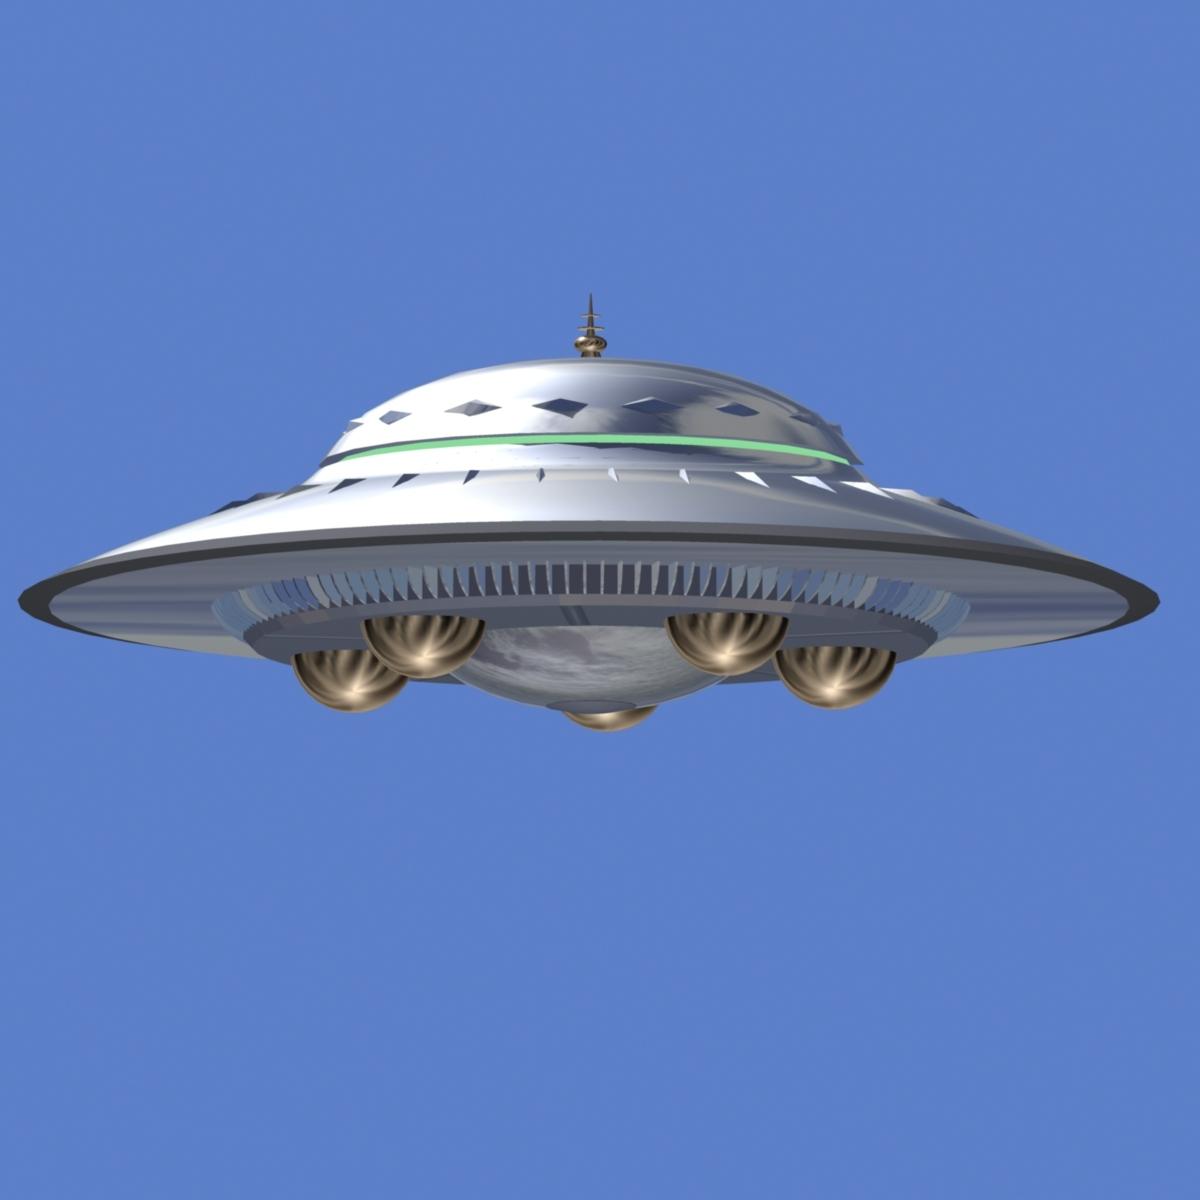 una-nube-lenticular-platillo-volador-alienígena-